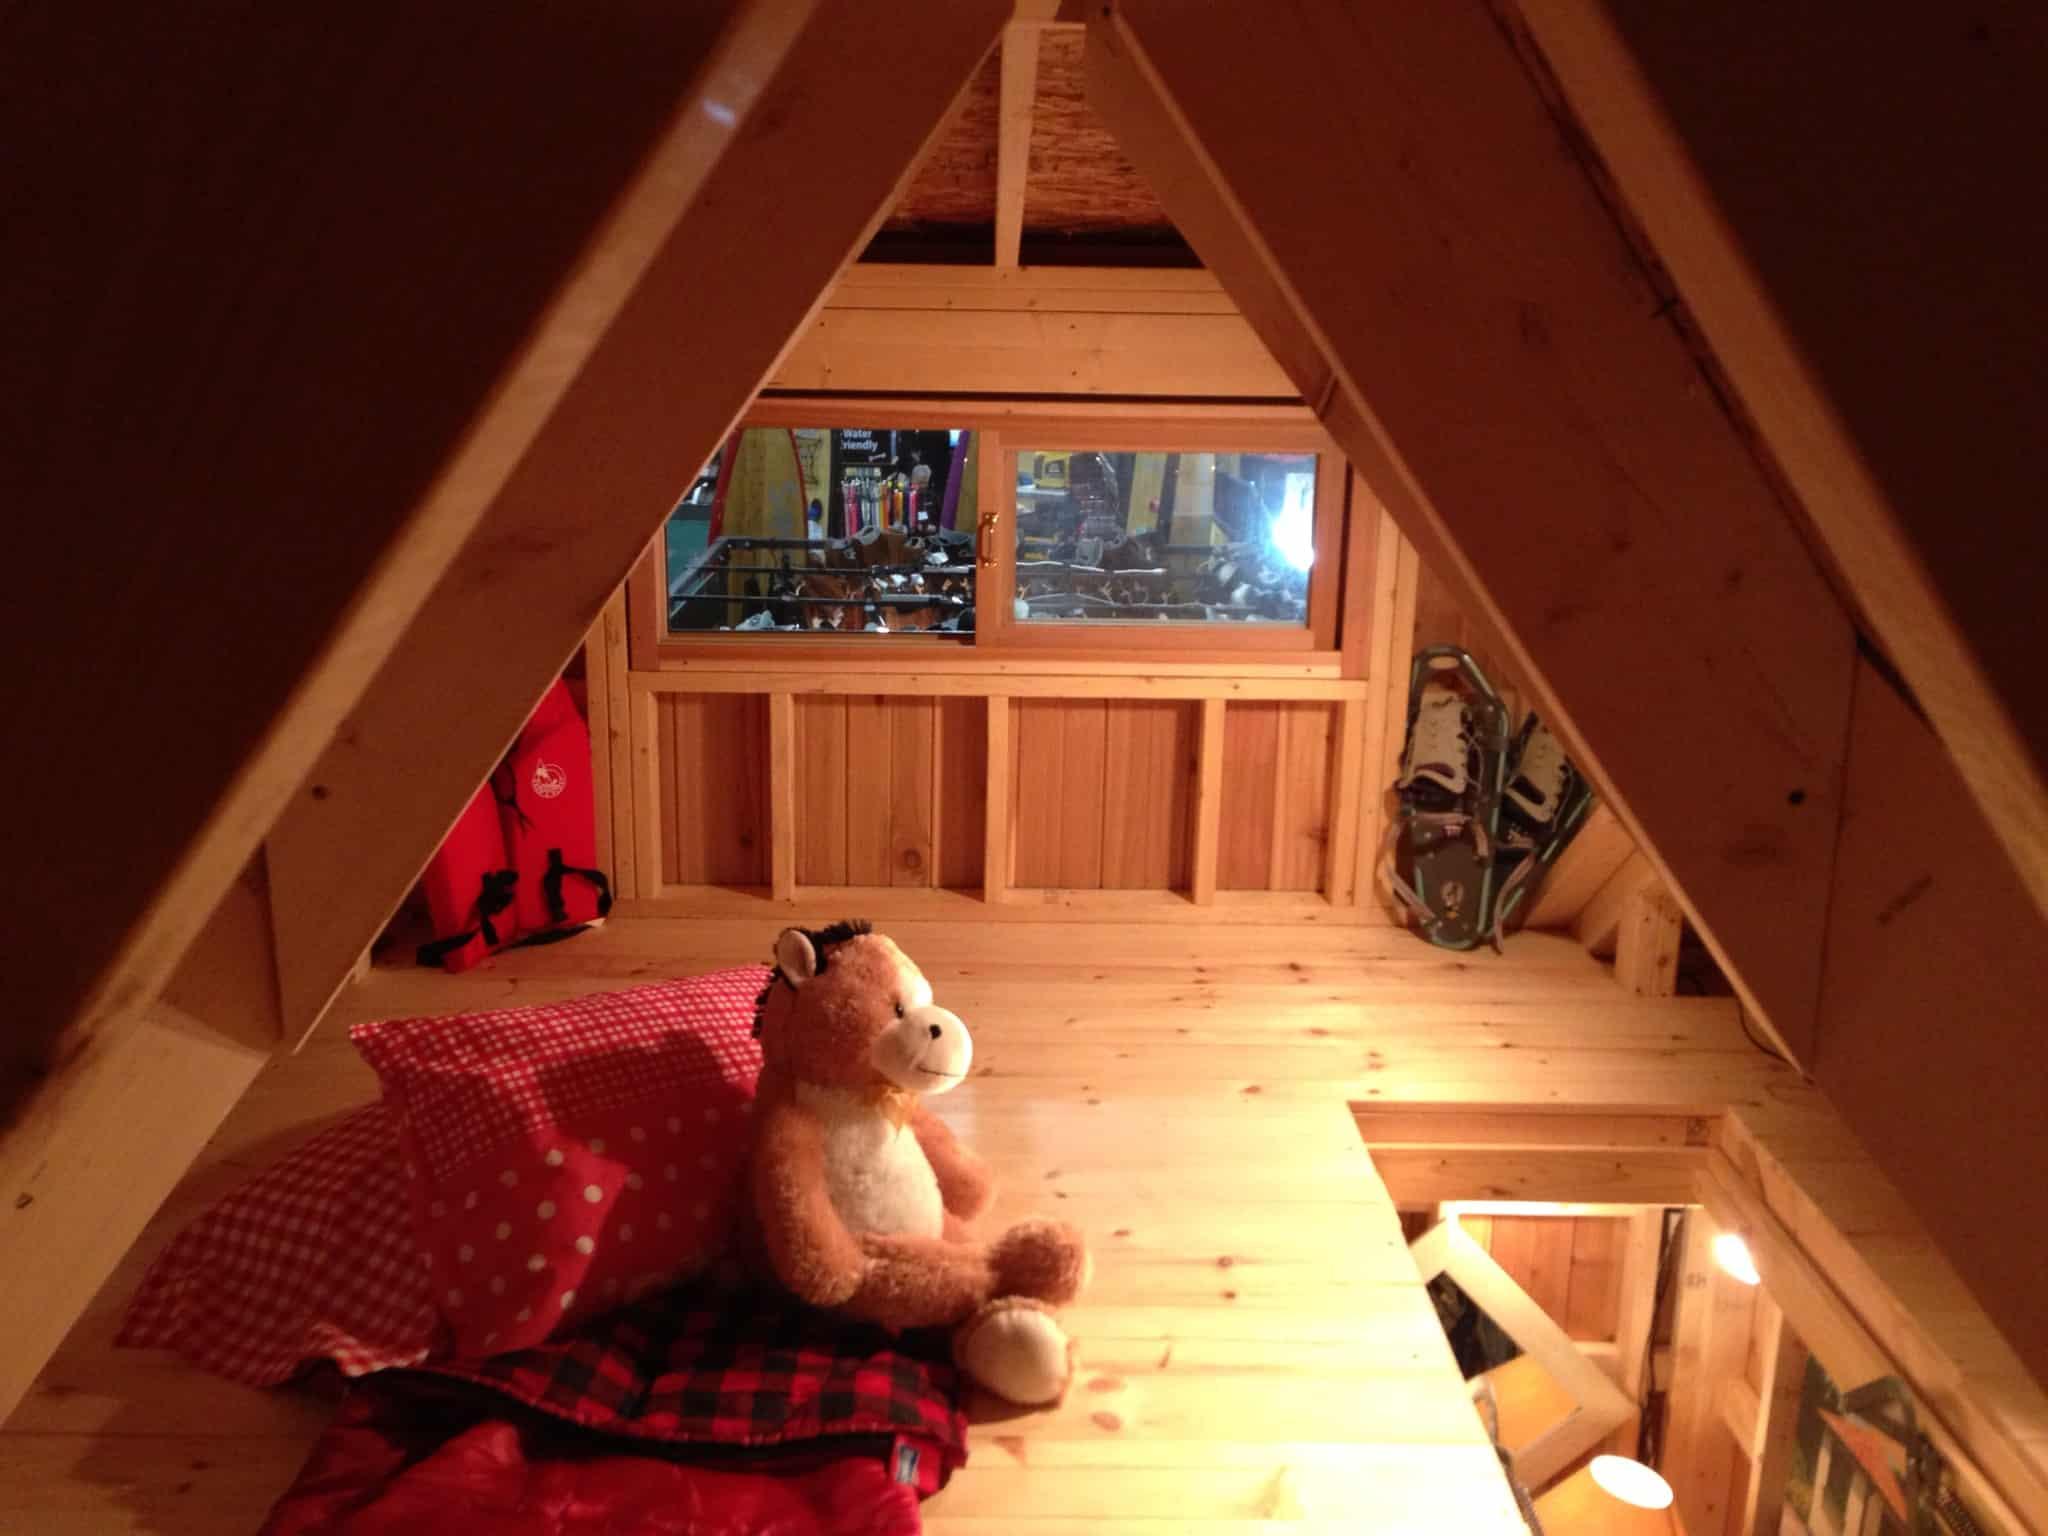 Backyard Sleepover Ideas - Summerwood Products